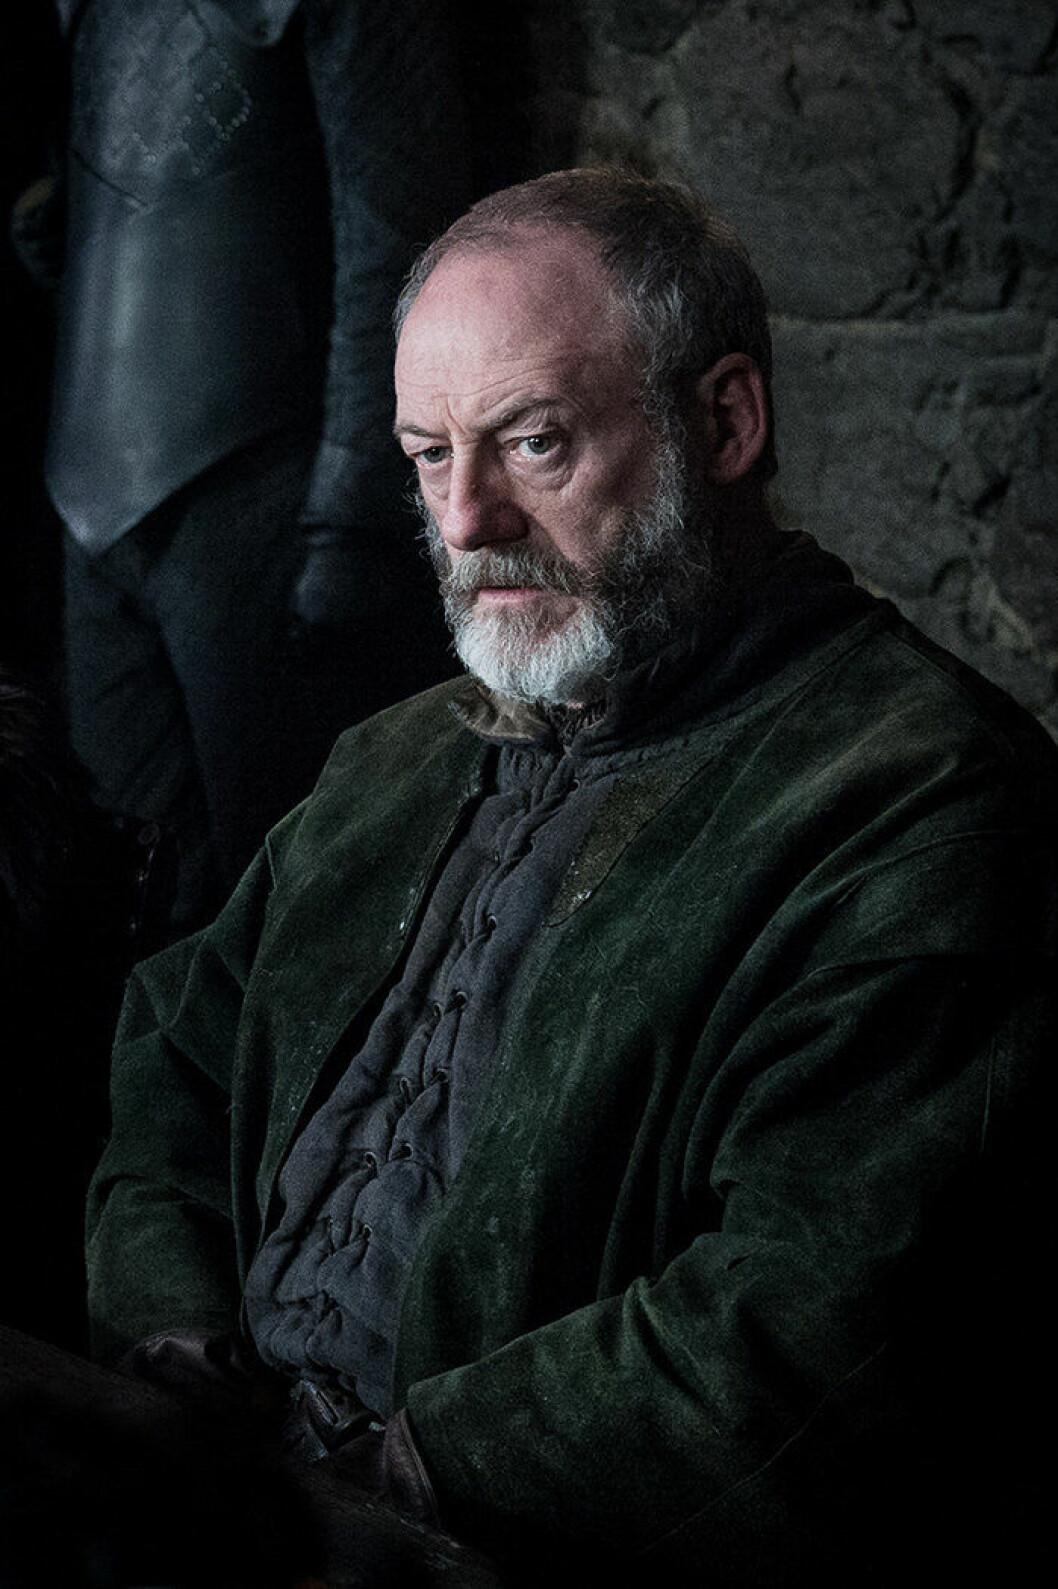 En bild på karaktären Davos Seaworth från tv-serien Game of Thrones.